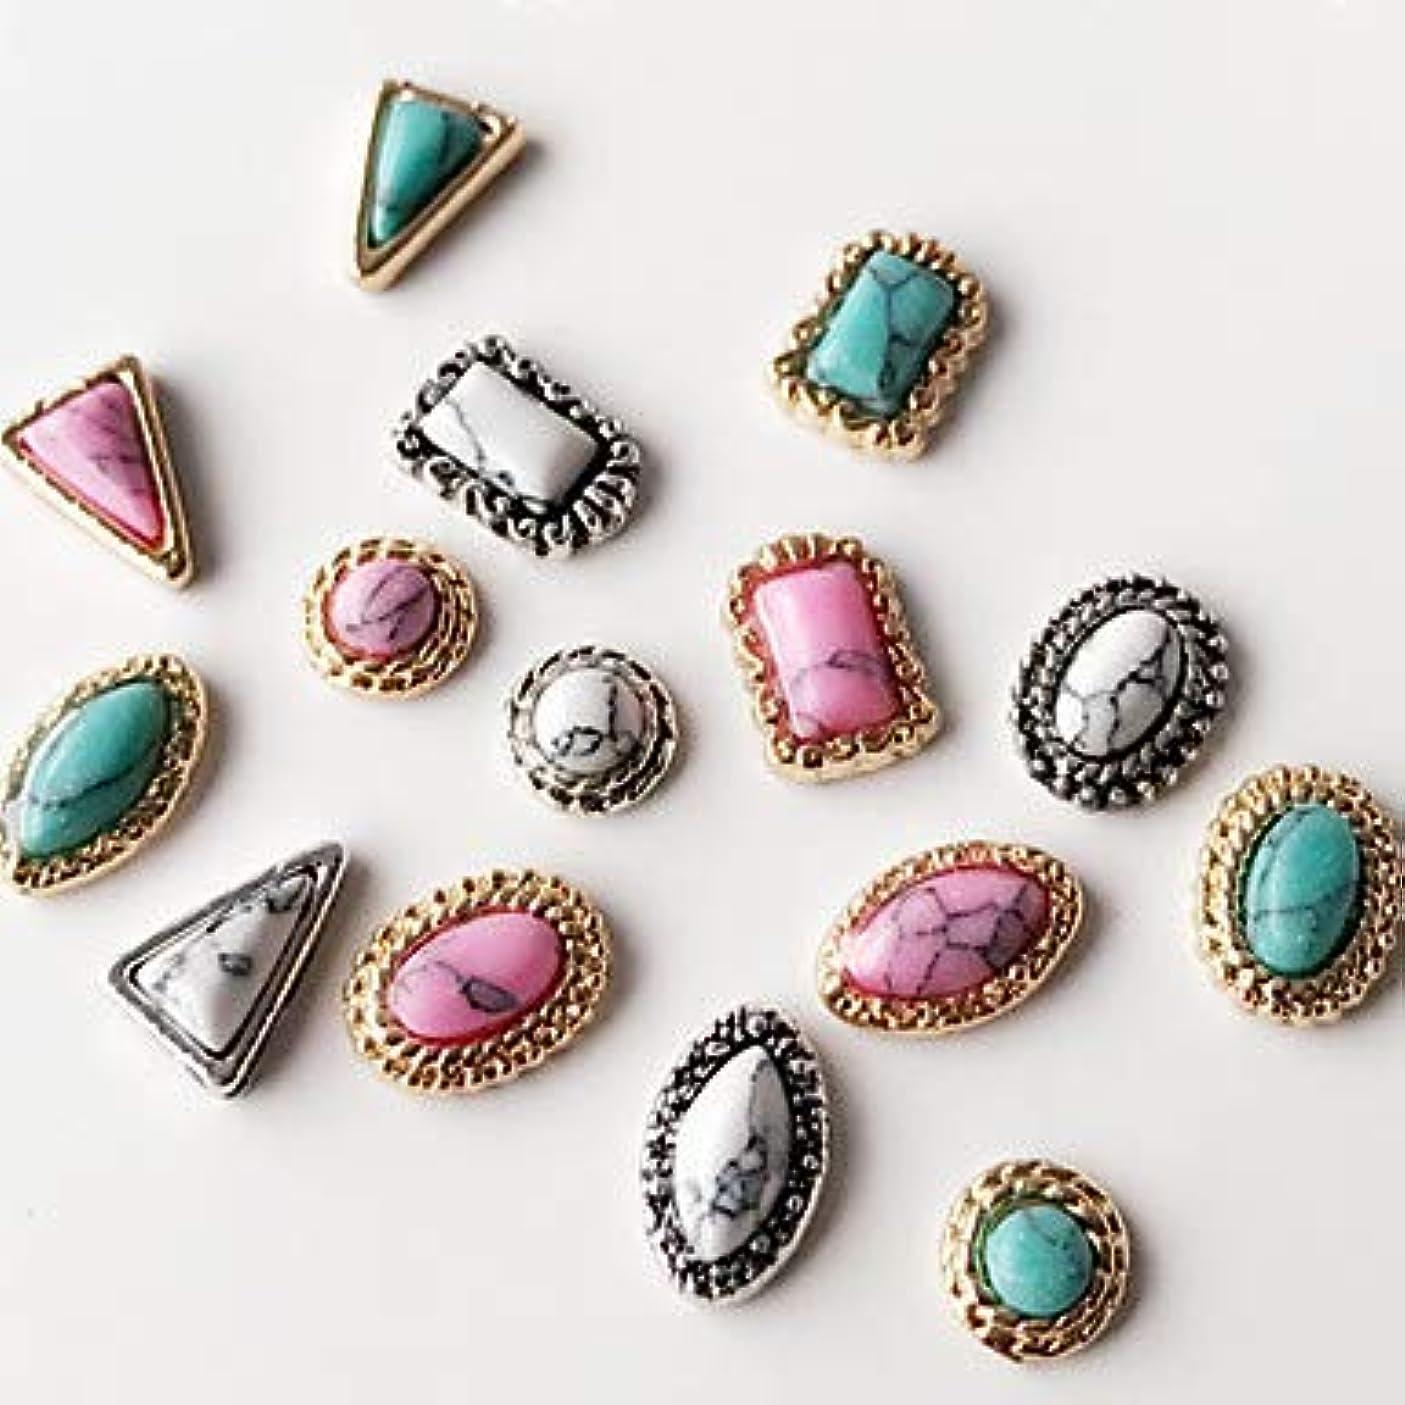 パネル調整テセウス10個混合スタイル混合色古代の宝石ネイルアートの装飾に戻ります